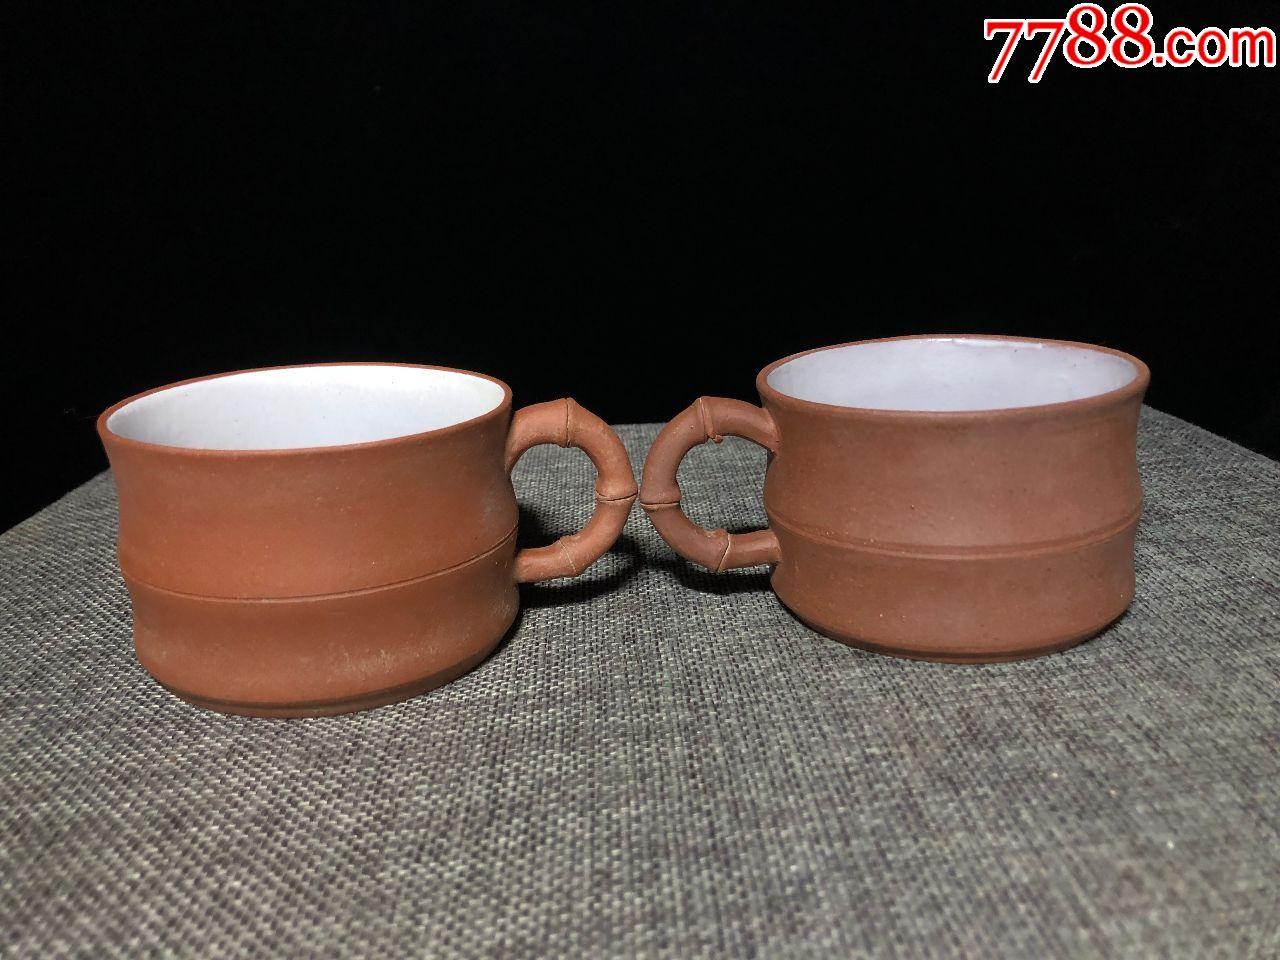 紫砂竹节茶杯一对(se68006038)_